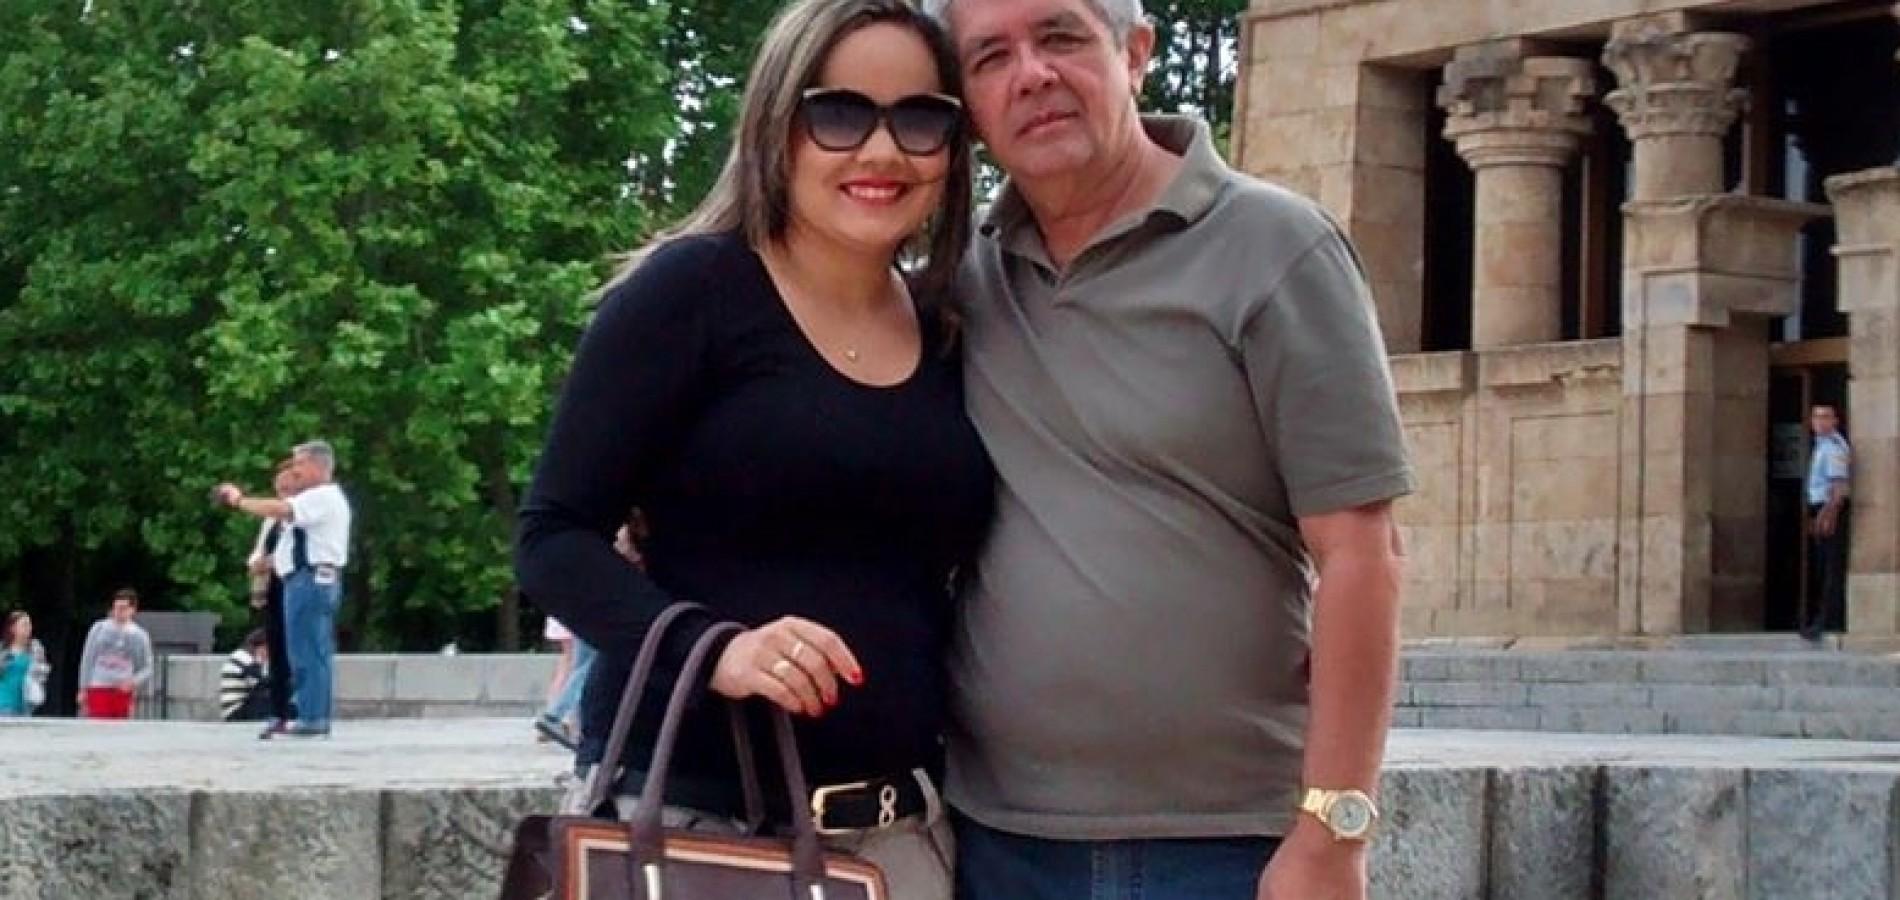 GENTE EM EVIDÊNCIA: Família jaicoense curte viagem na Espanha; veja fotos